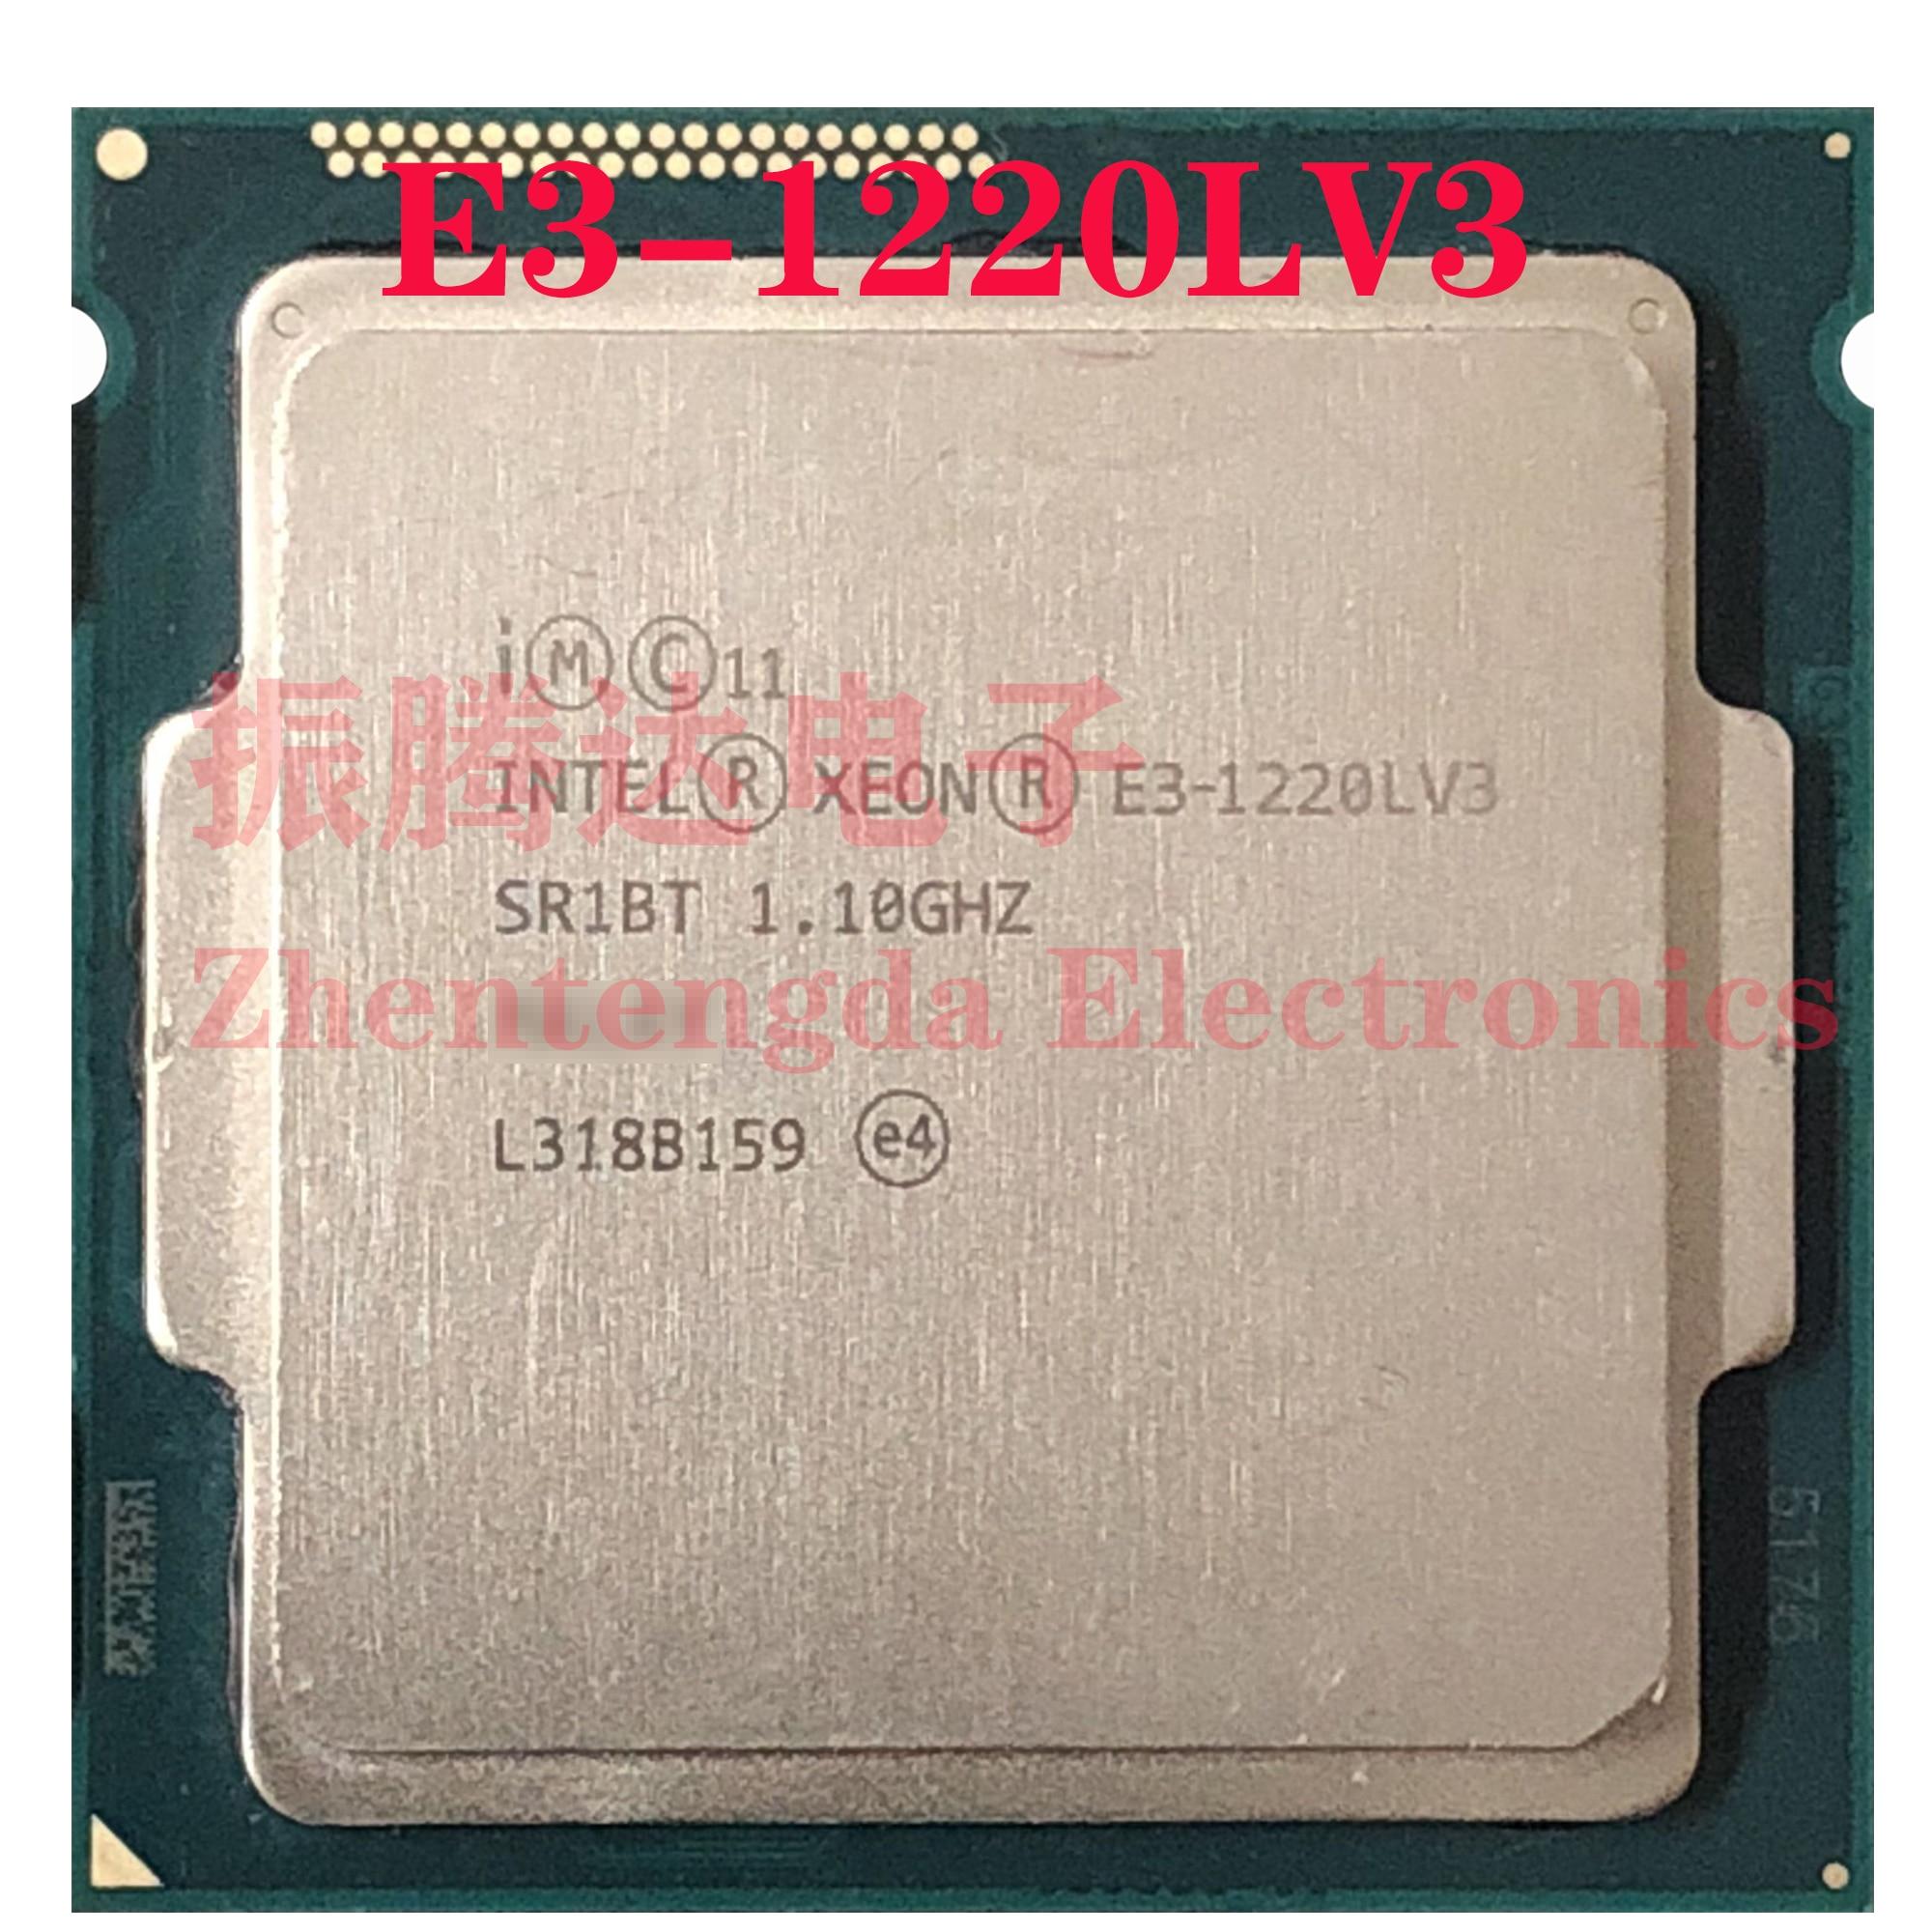 Intel Xeon E3-1220L v3 CPU 1.1GHz 4MB 2 Core 4 Threads LGA 1150 E3-1220LV3 CPU Processor